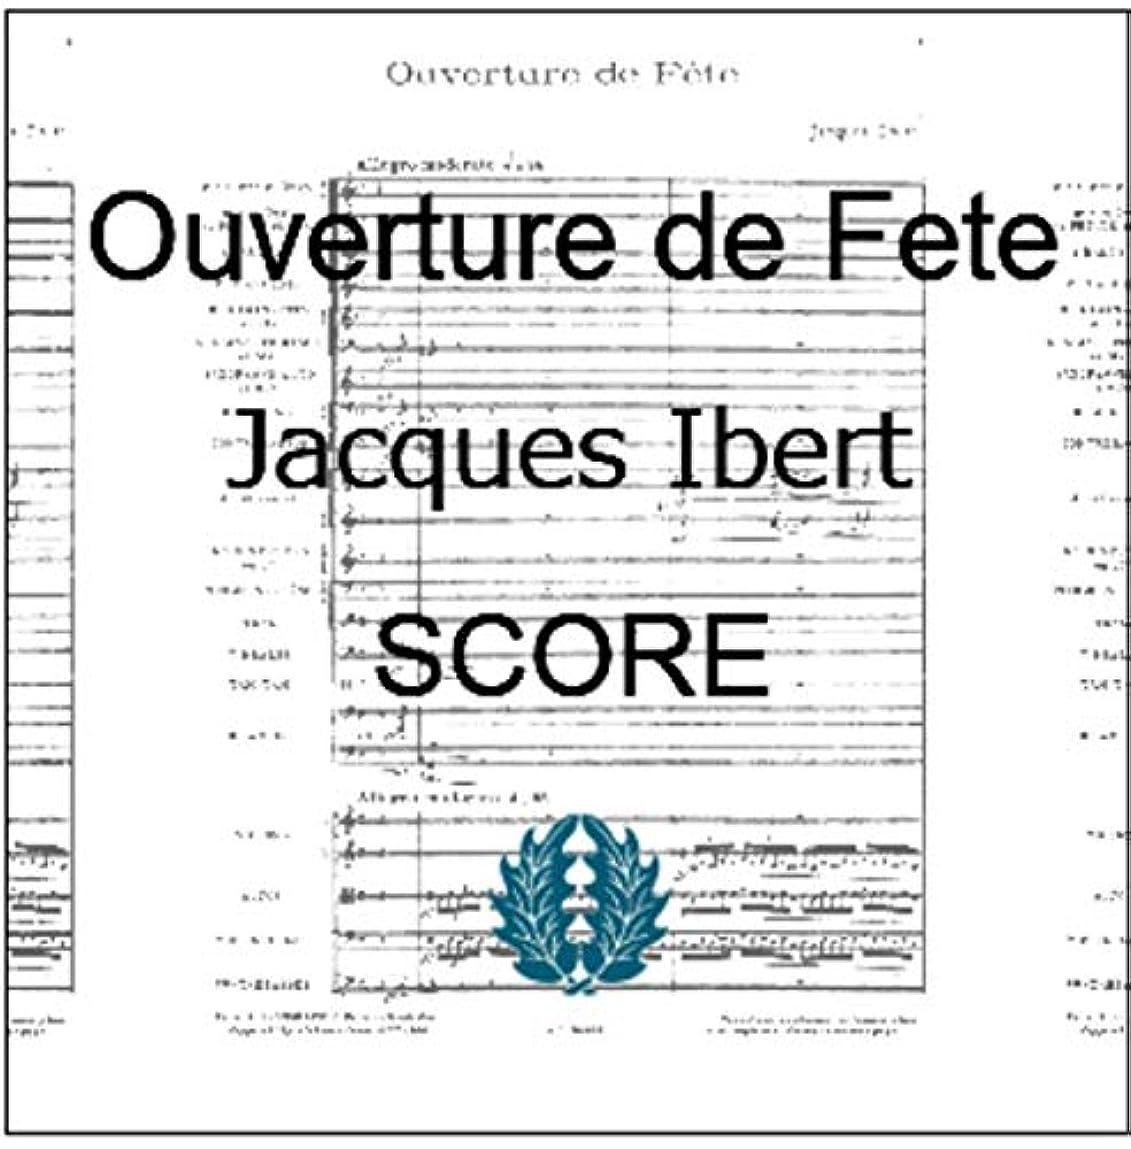 楽譜 pdf オーケストラ スコア イベール 祝典序曲